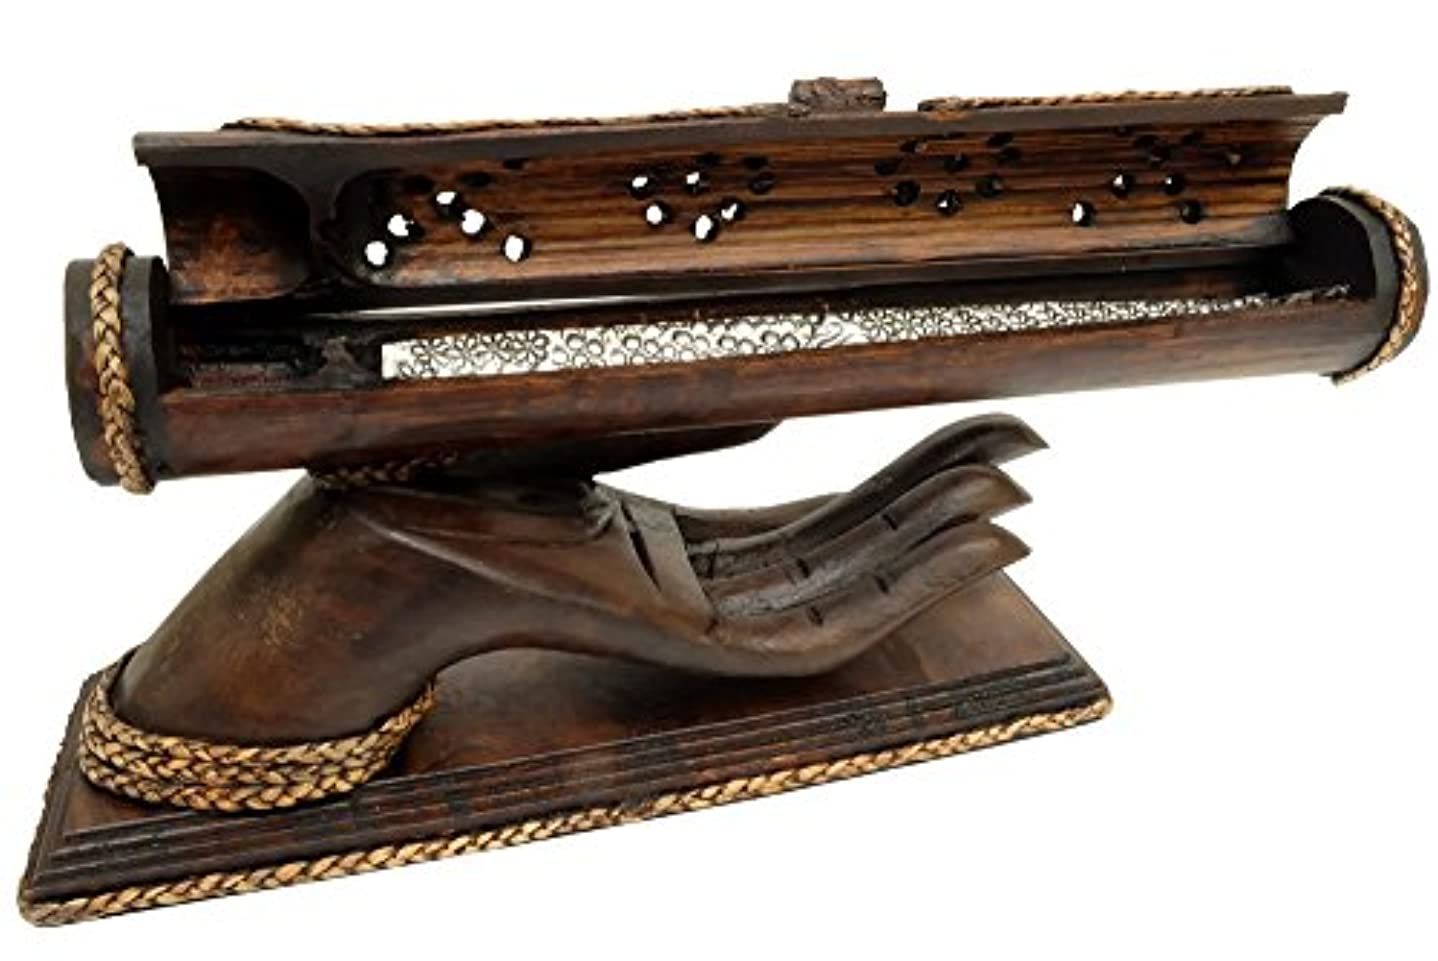 彼ら化学者セラーデザインby unseenthailand竹Trough木製ハンドメイドIncense Burner Ashキャッチャーwithチーク材手ホルダー。 ブラック